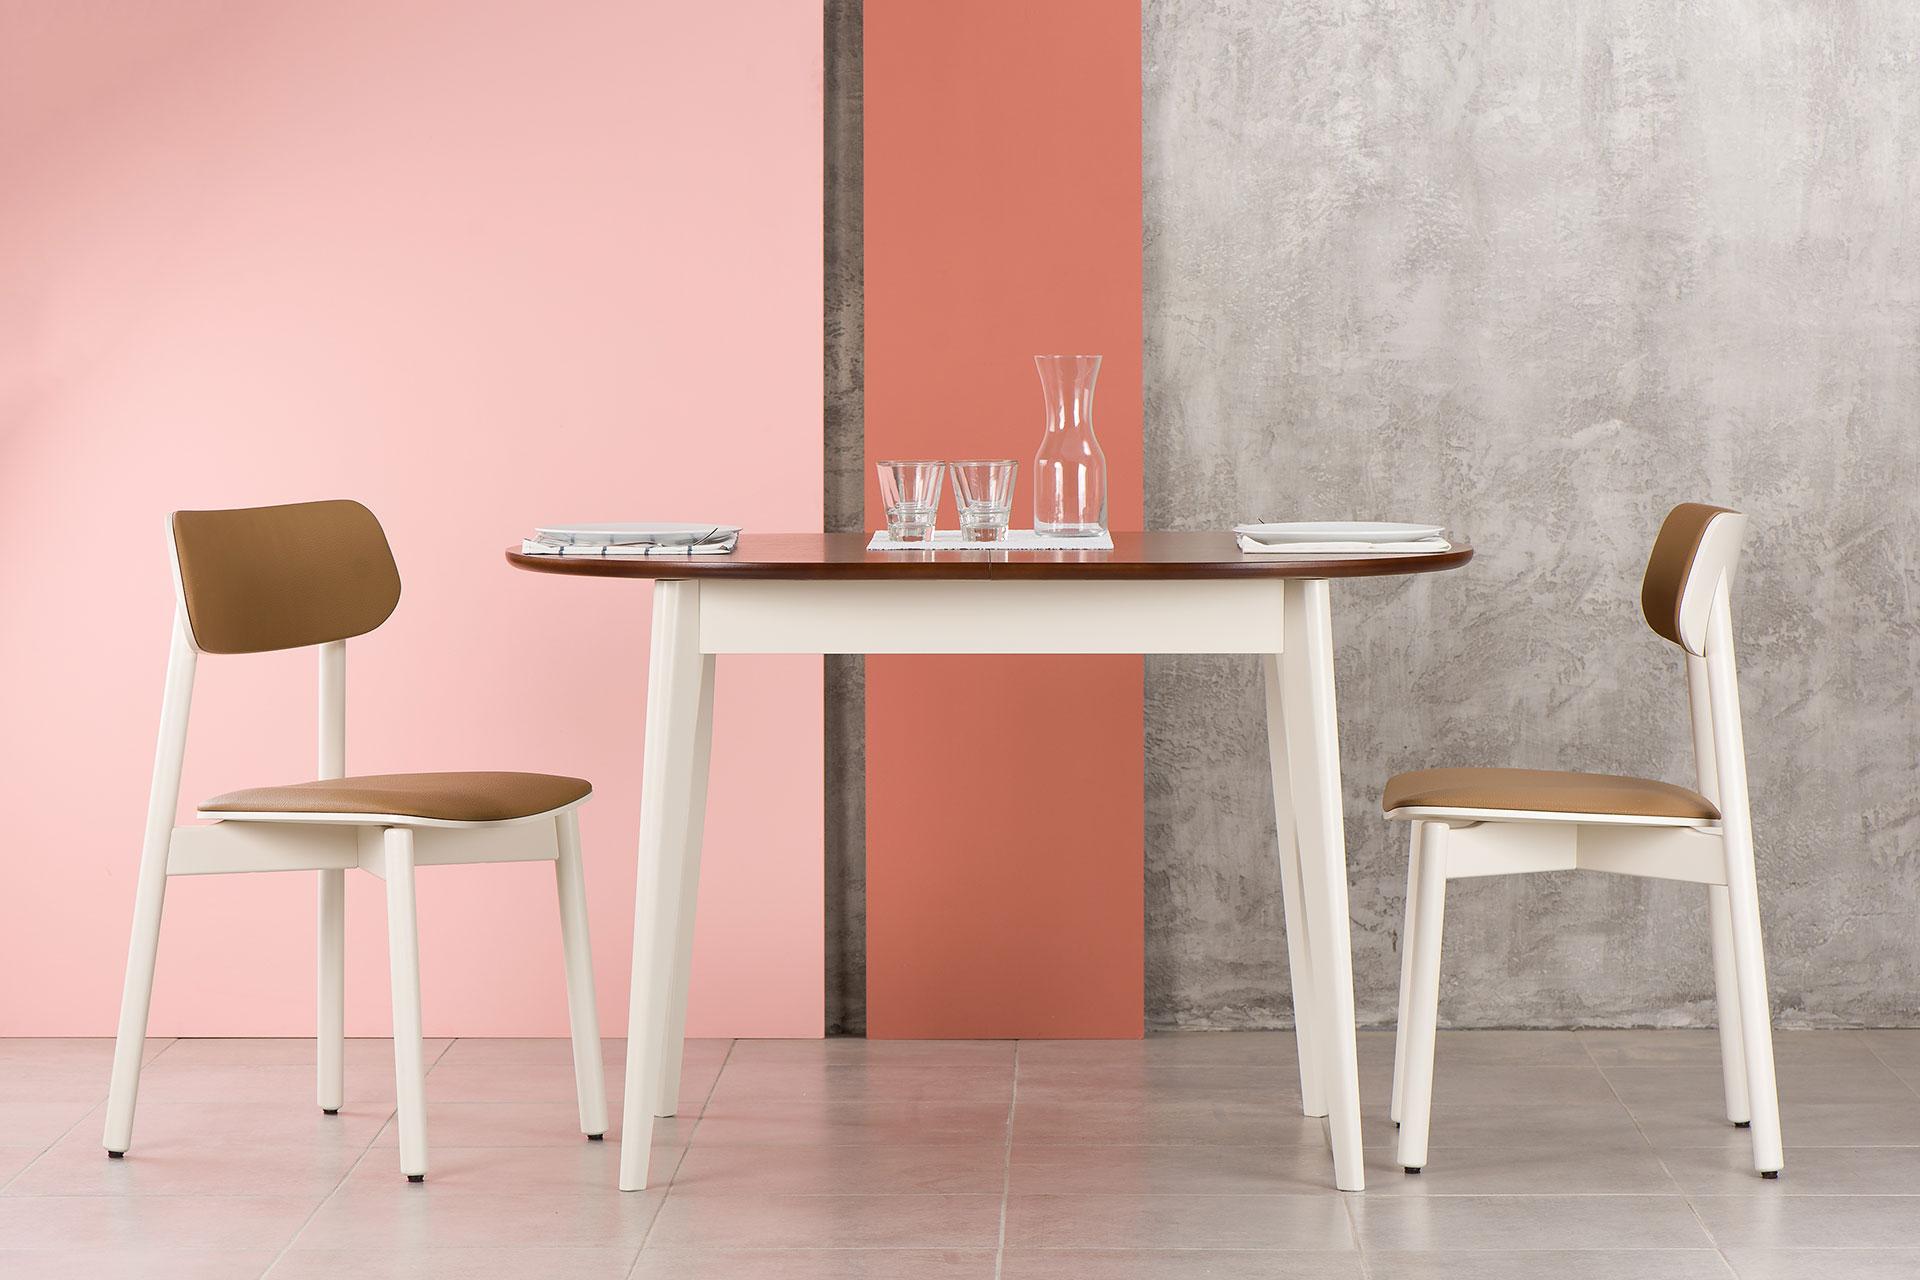 Кухонный комплект: овальный стол Турин два стула Х белые с коричневой столешницей